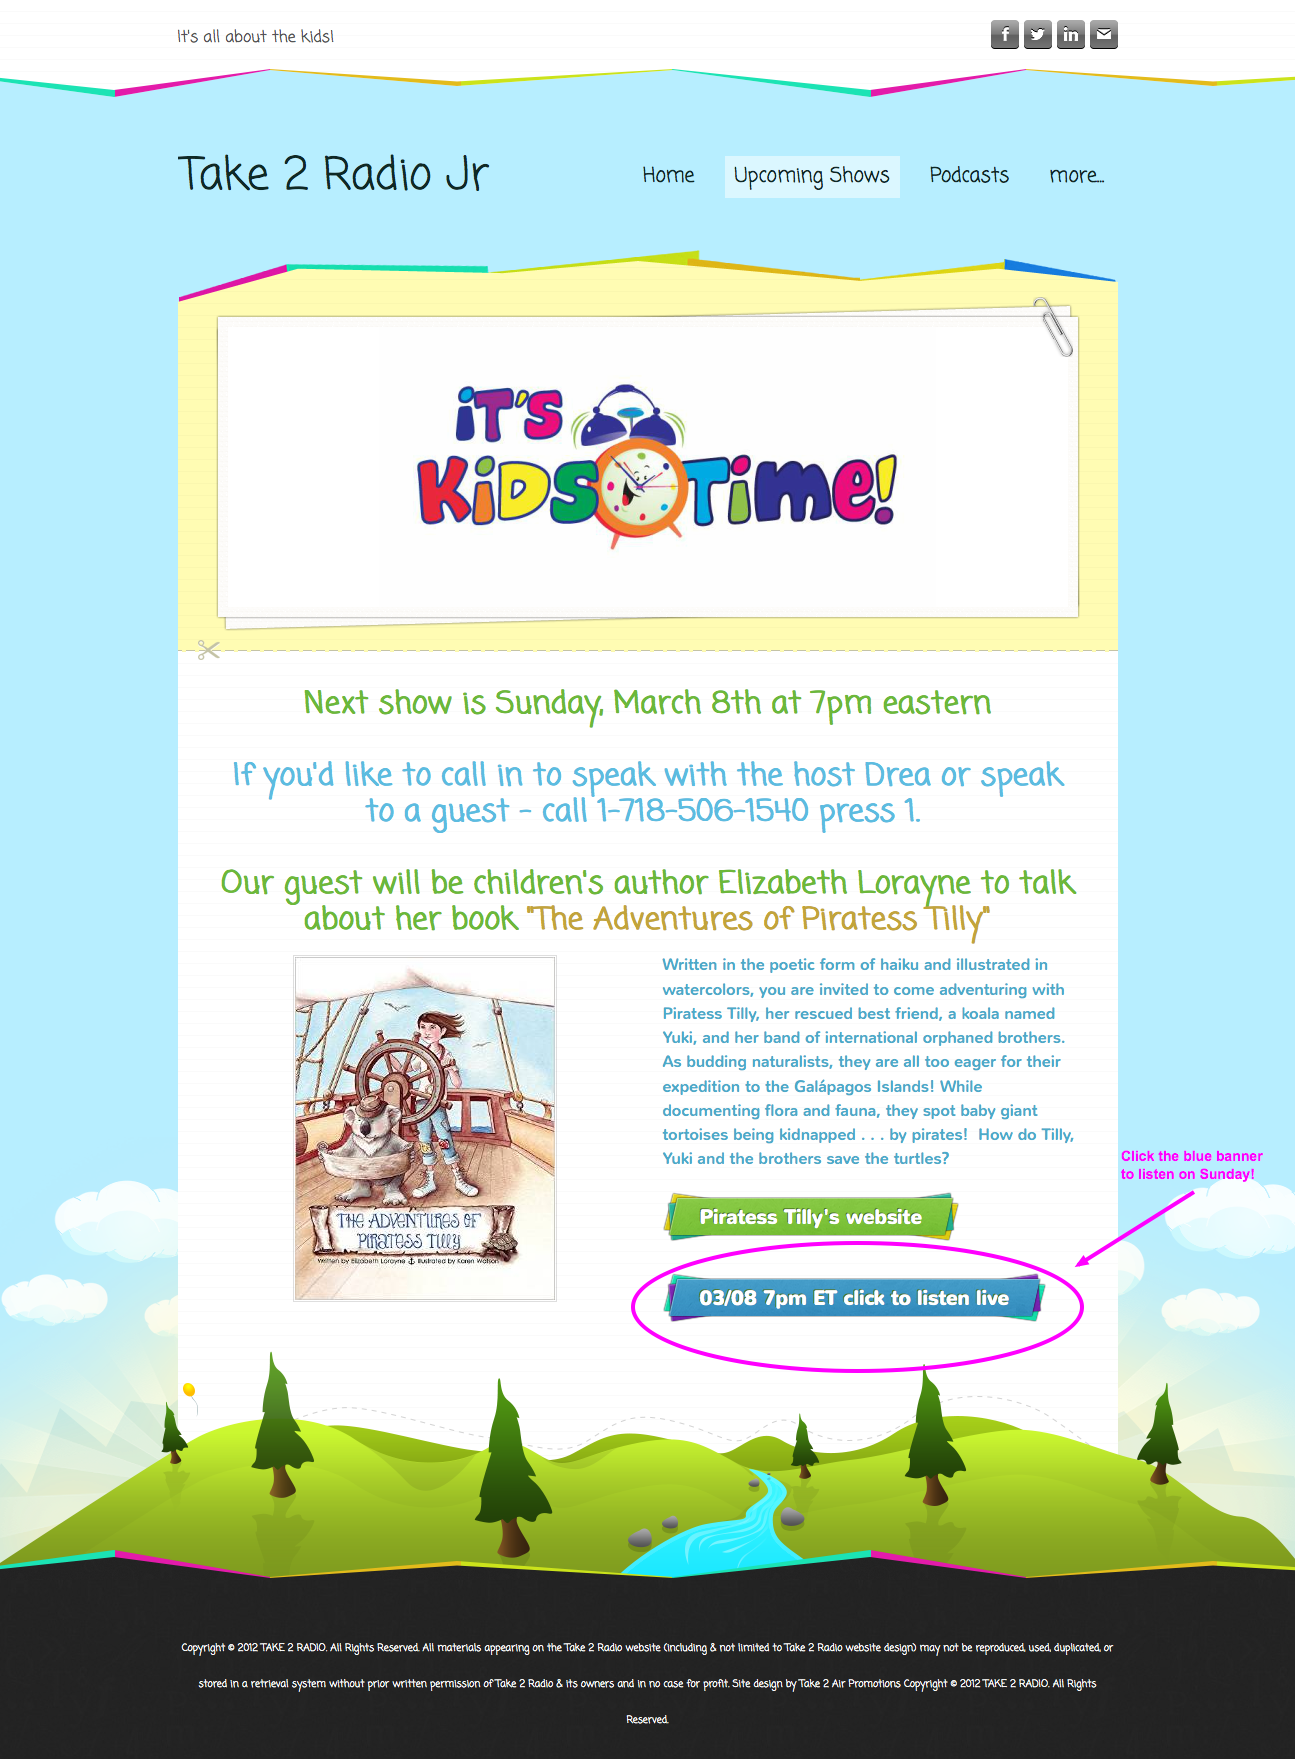 Piratess Tilly Upcoming Shows - Take 2 Radio Jr 2015-03-05 09-23-19